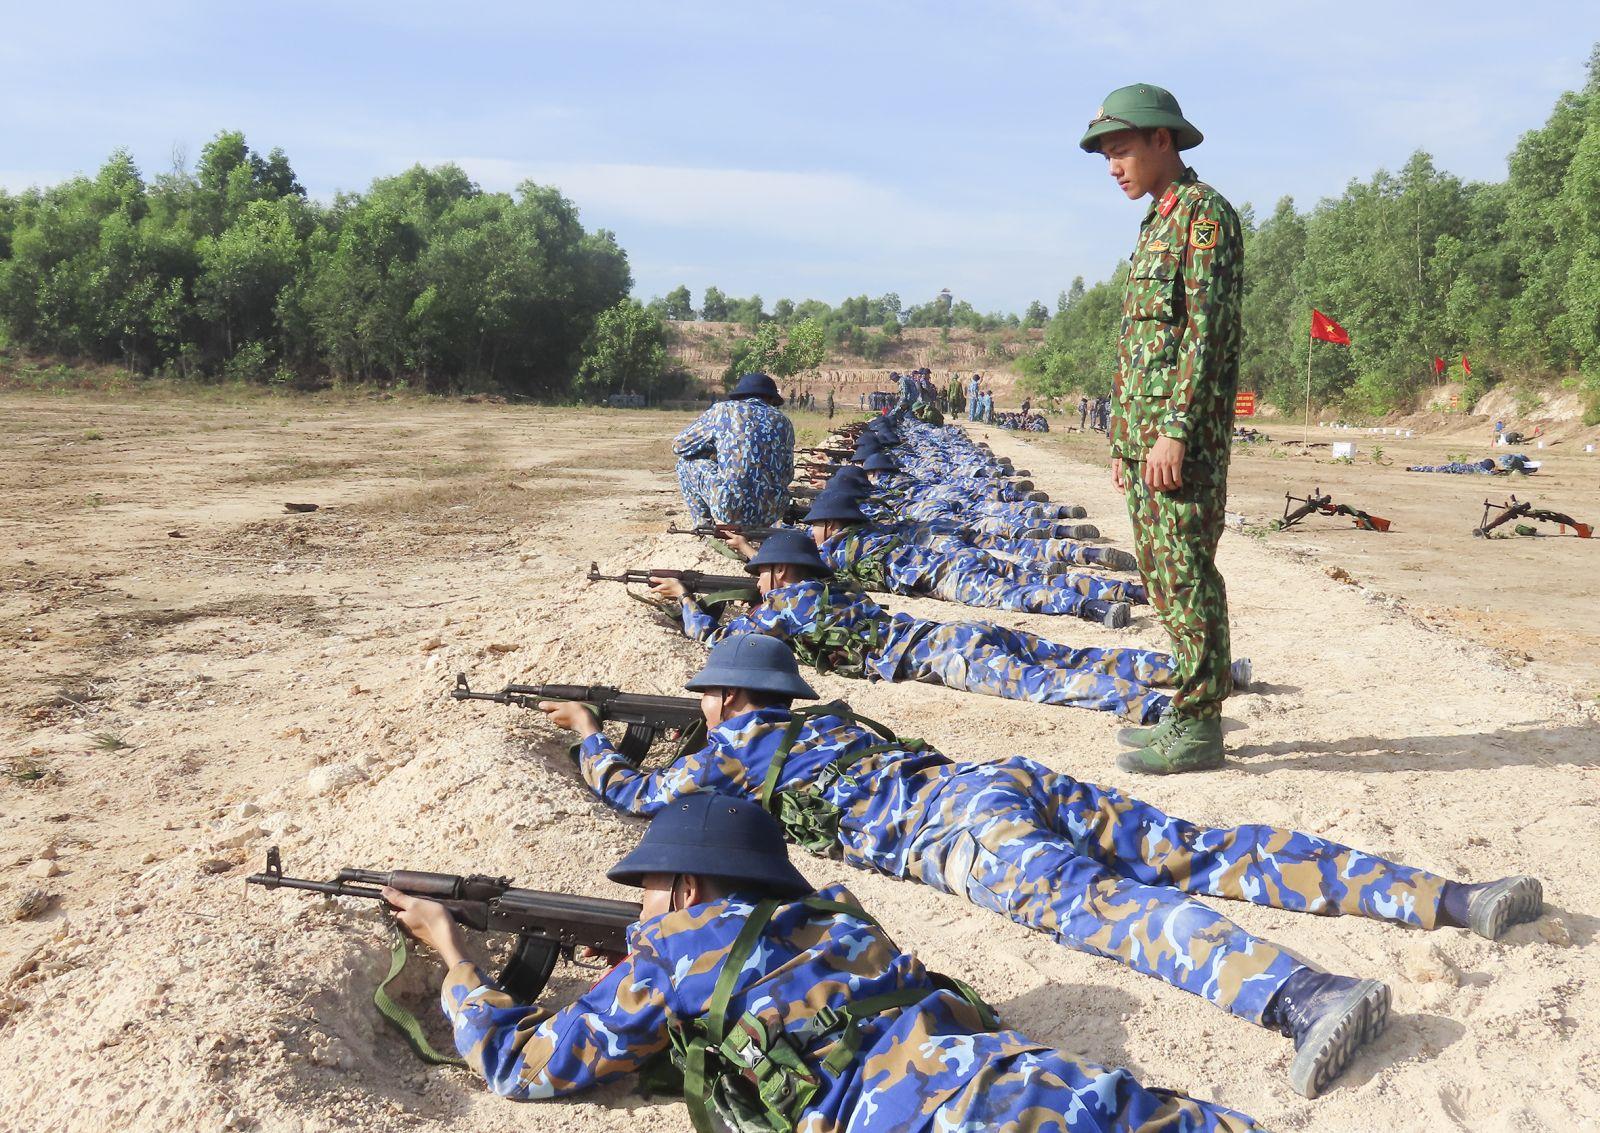 Chiến sĩ mới luyện tập bắn bài 1 súng tiểu liên AK